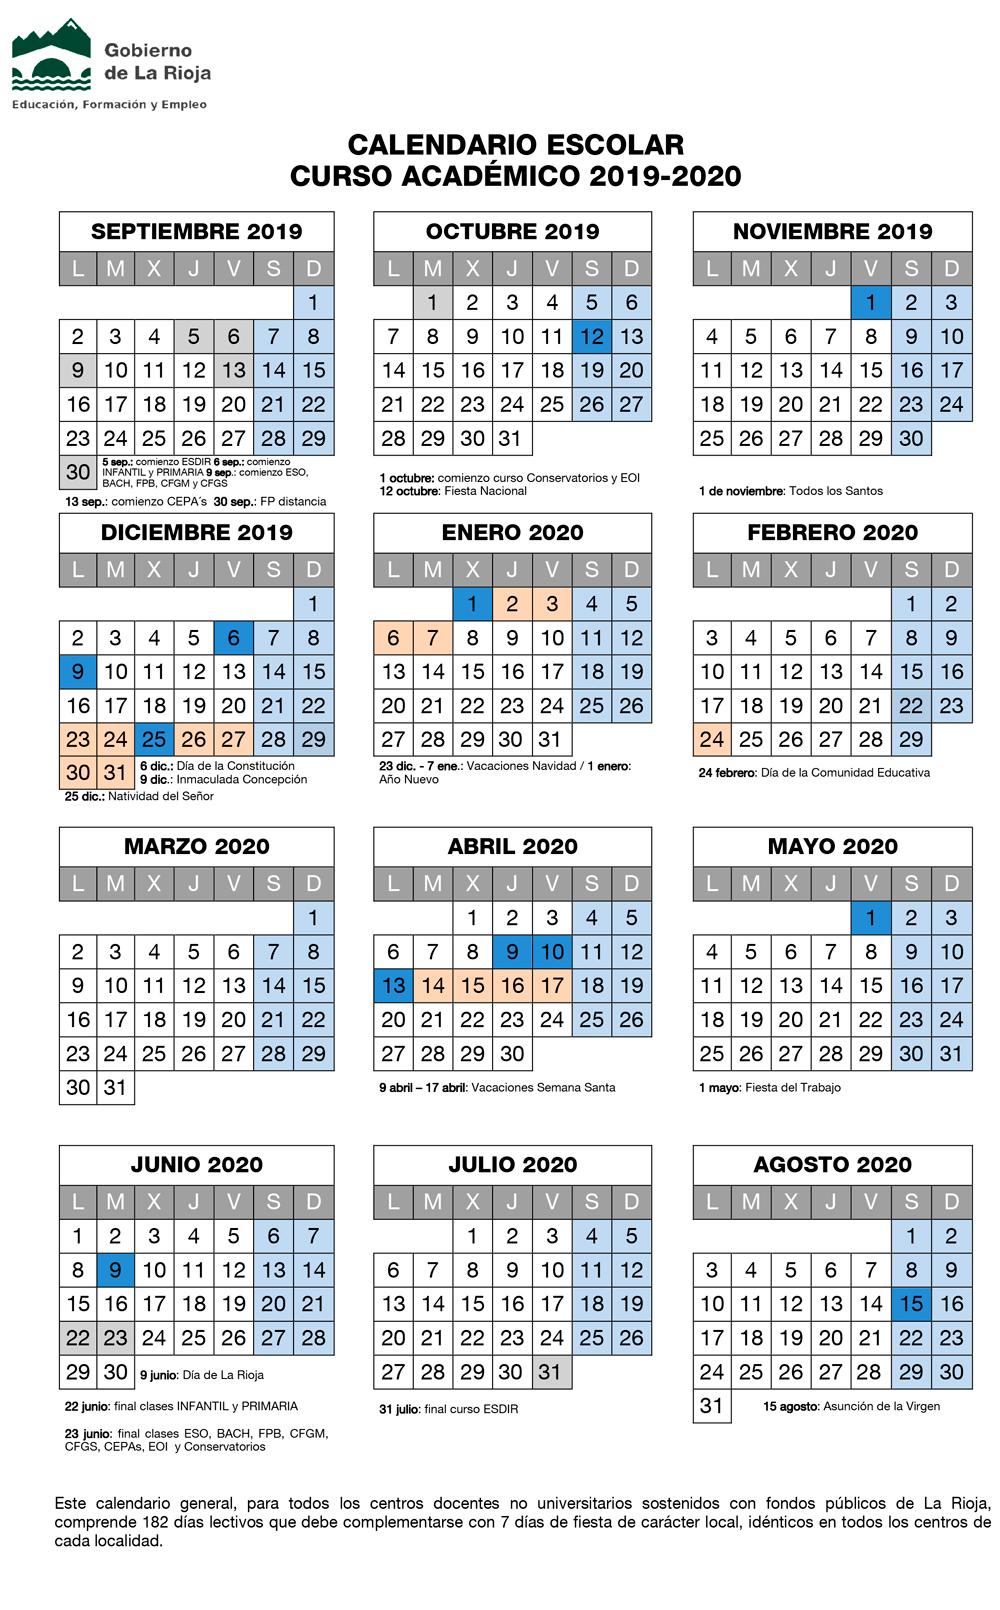 Calendario Escolar Aragon 2020.Calendario E3scolar